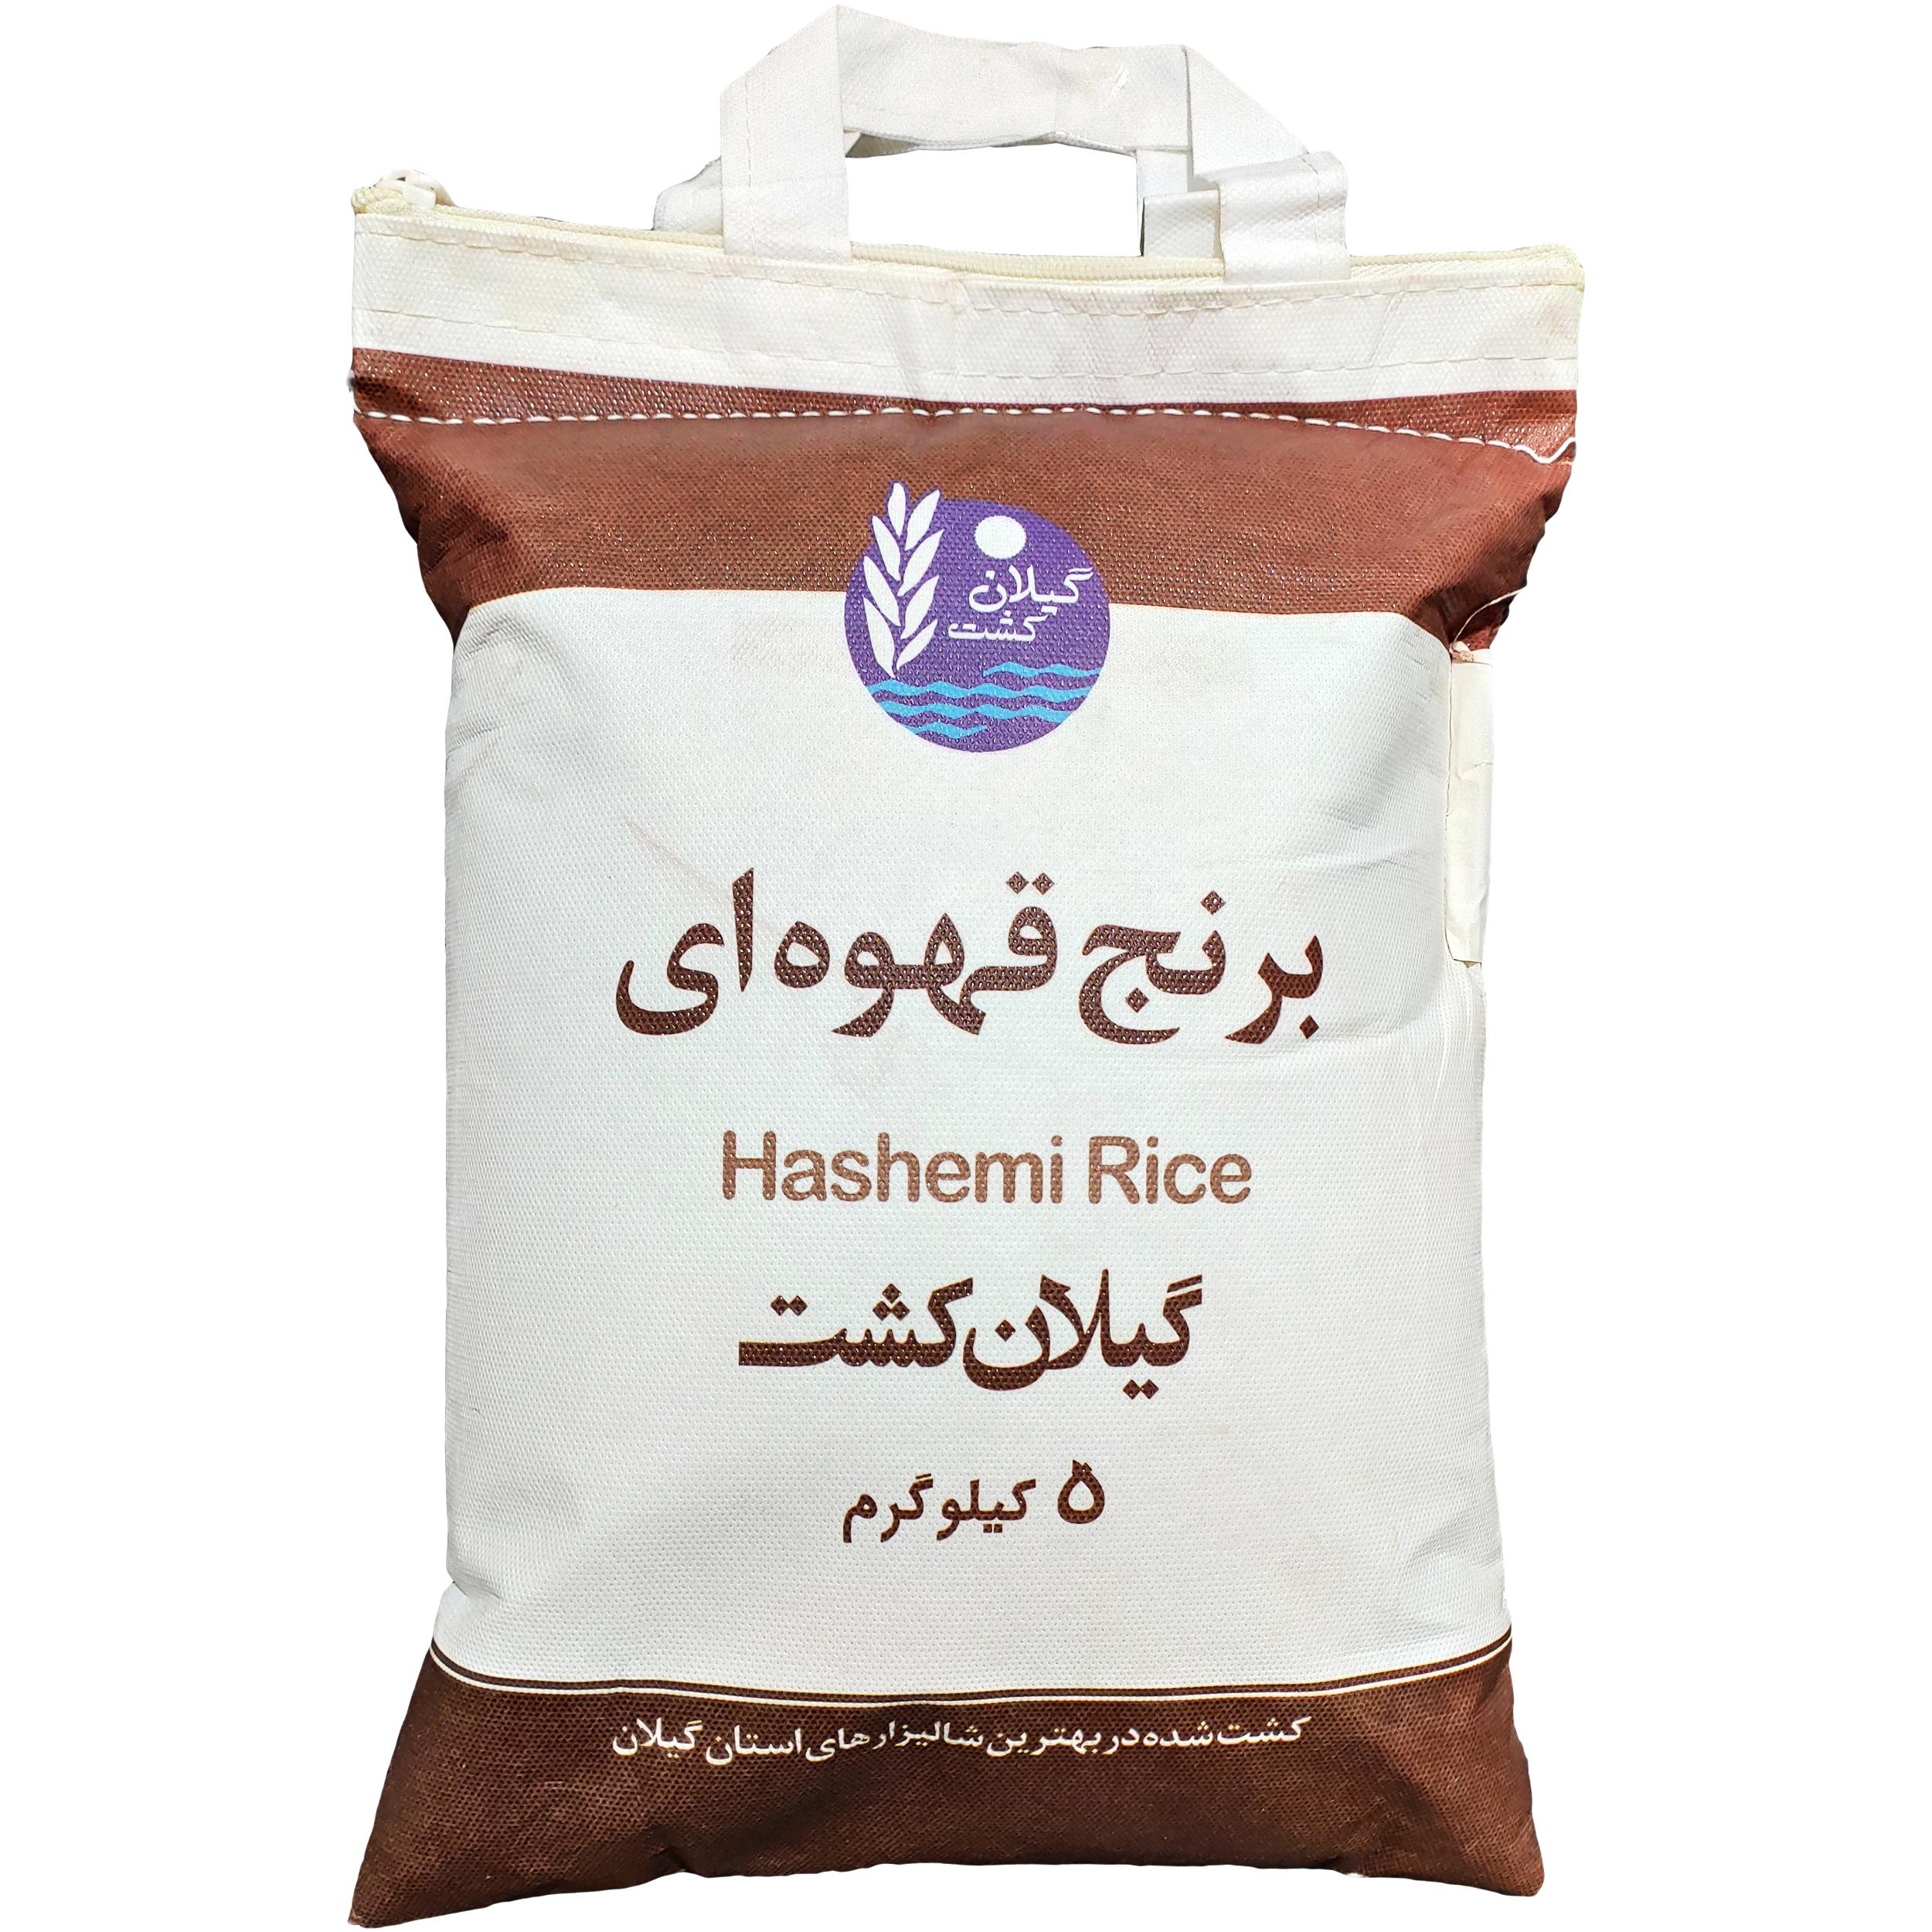 برنج قهوه ای سبوس دار گیلان کشت مقدار 5 کیلوگرم